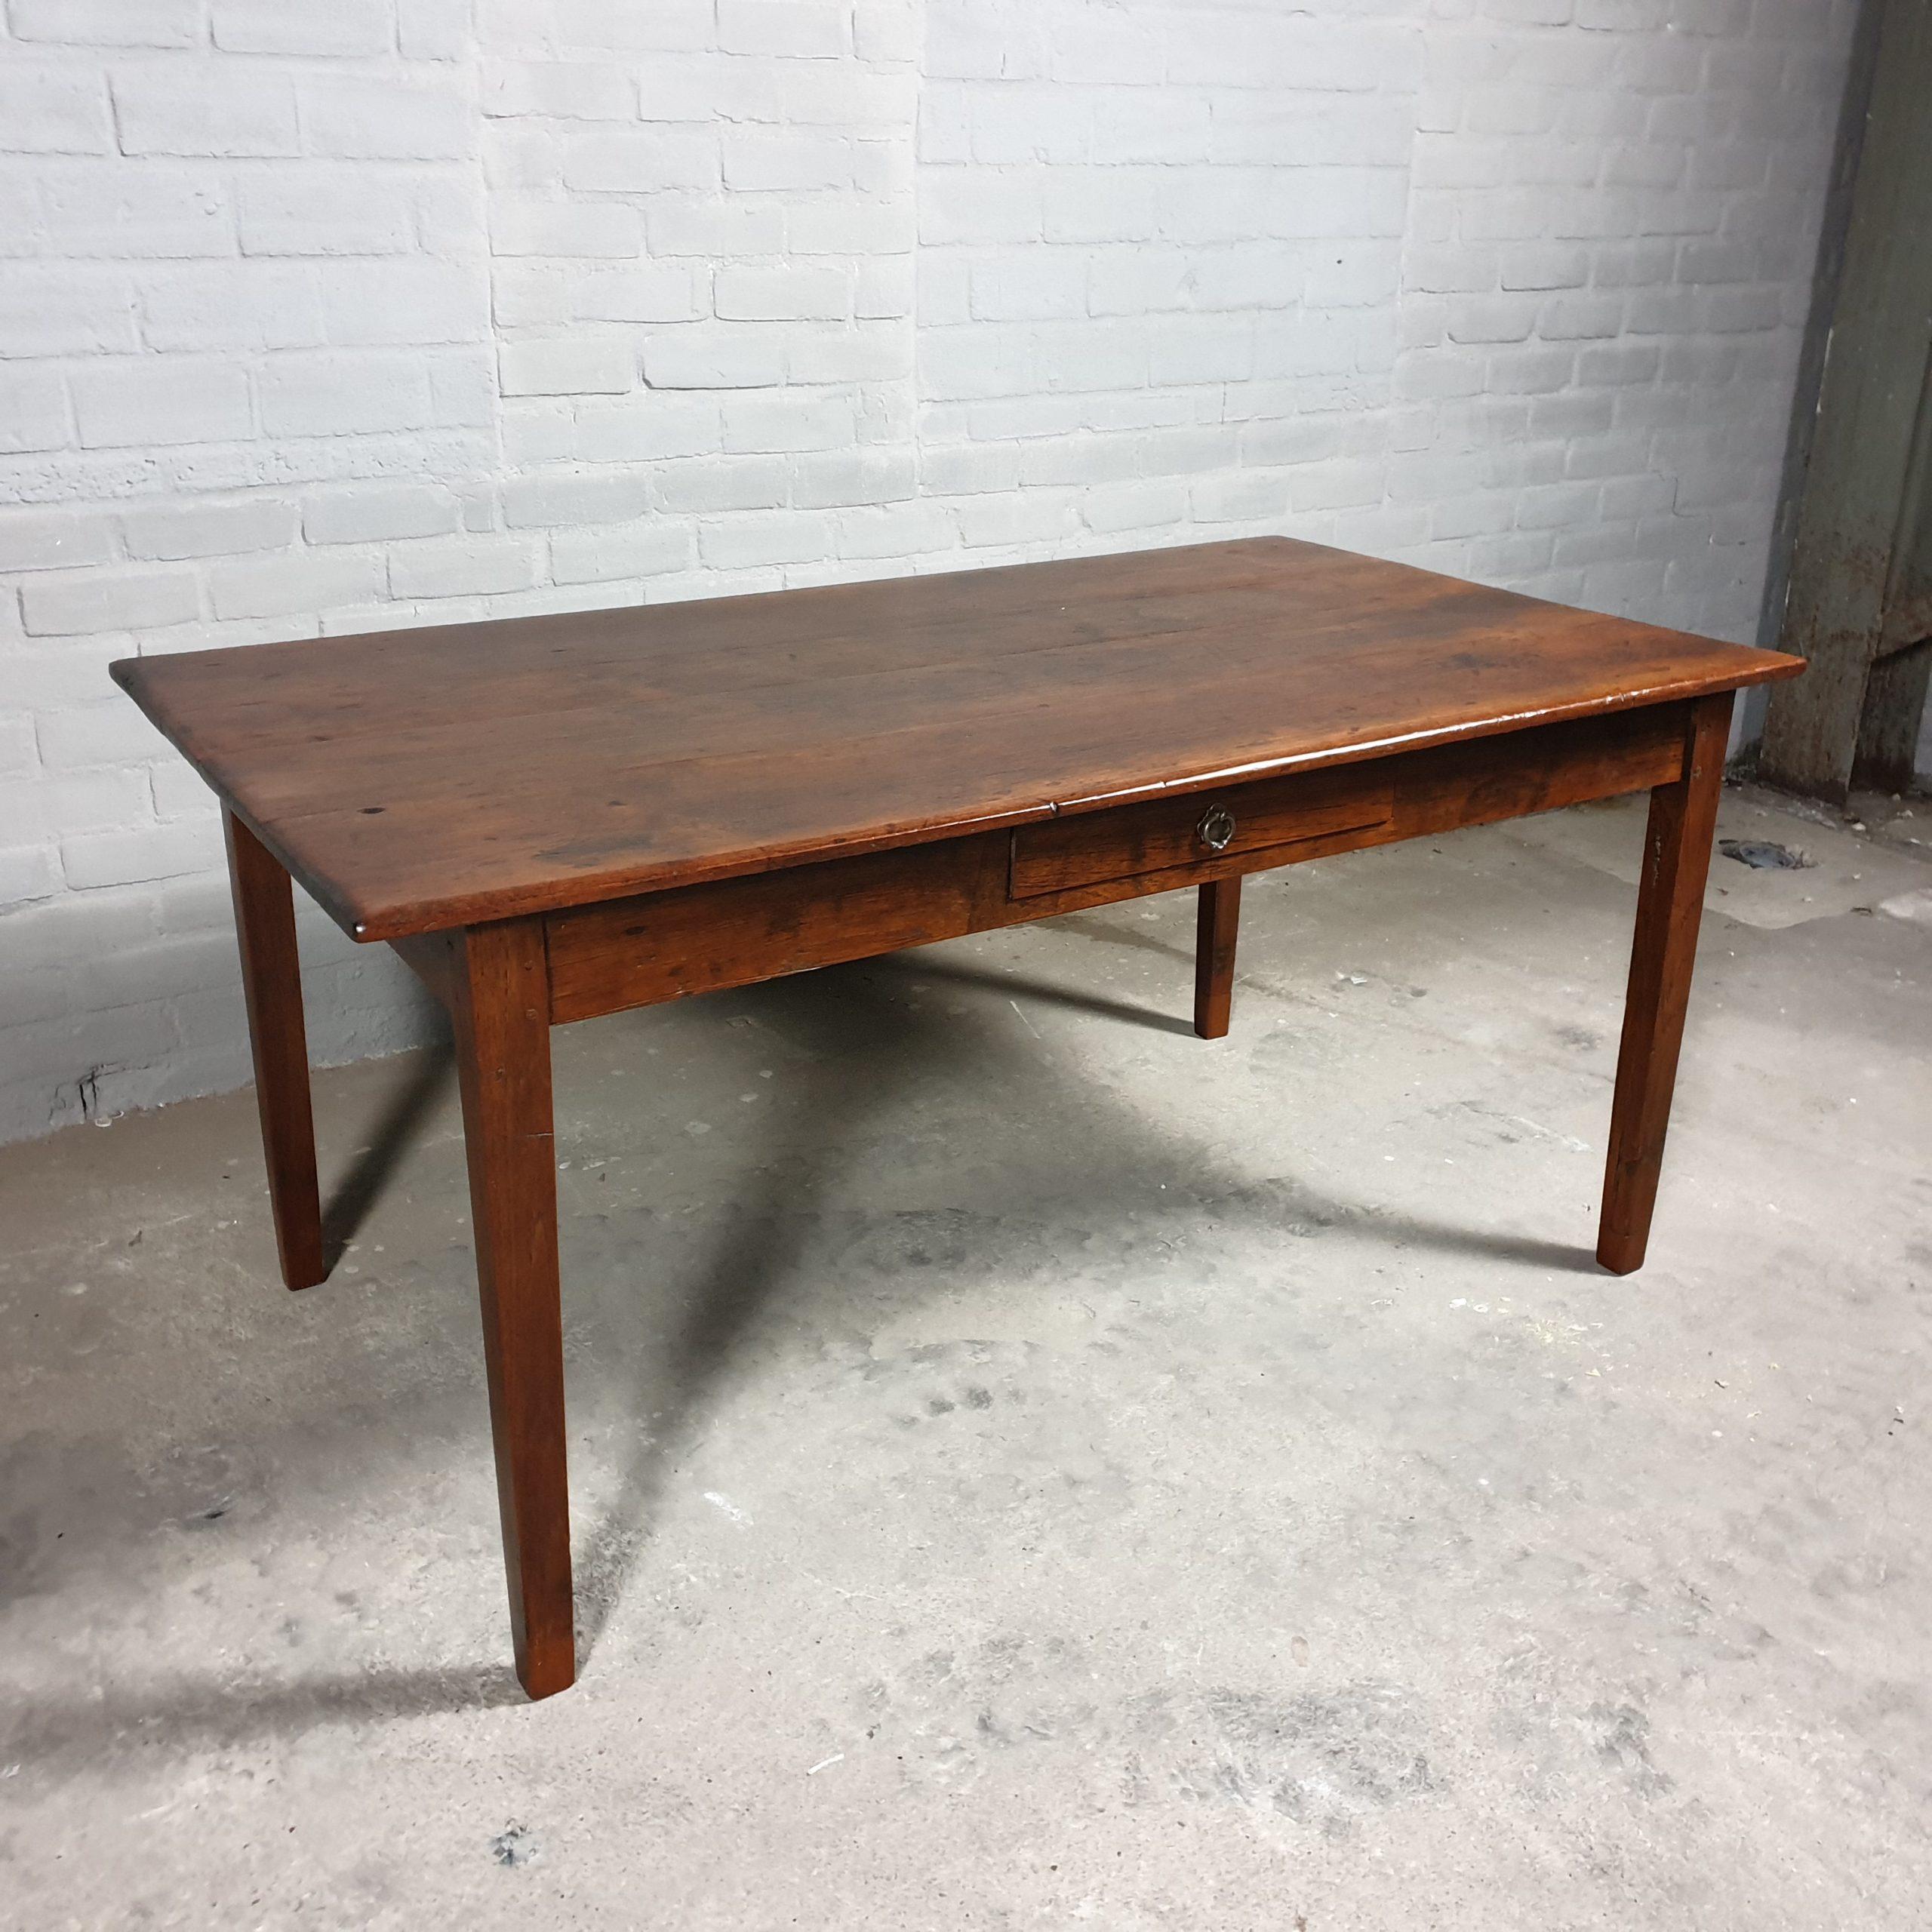 Antique farmhouse table - C027